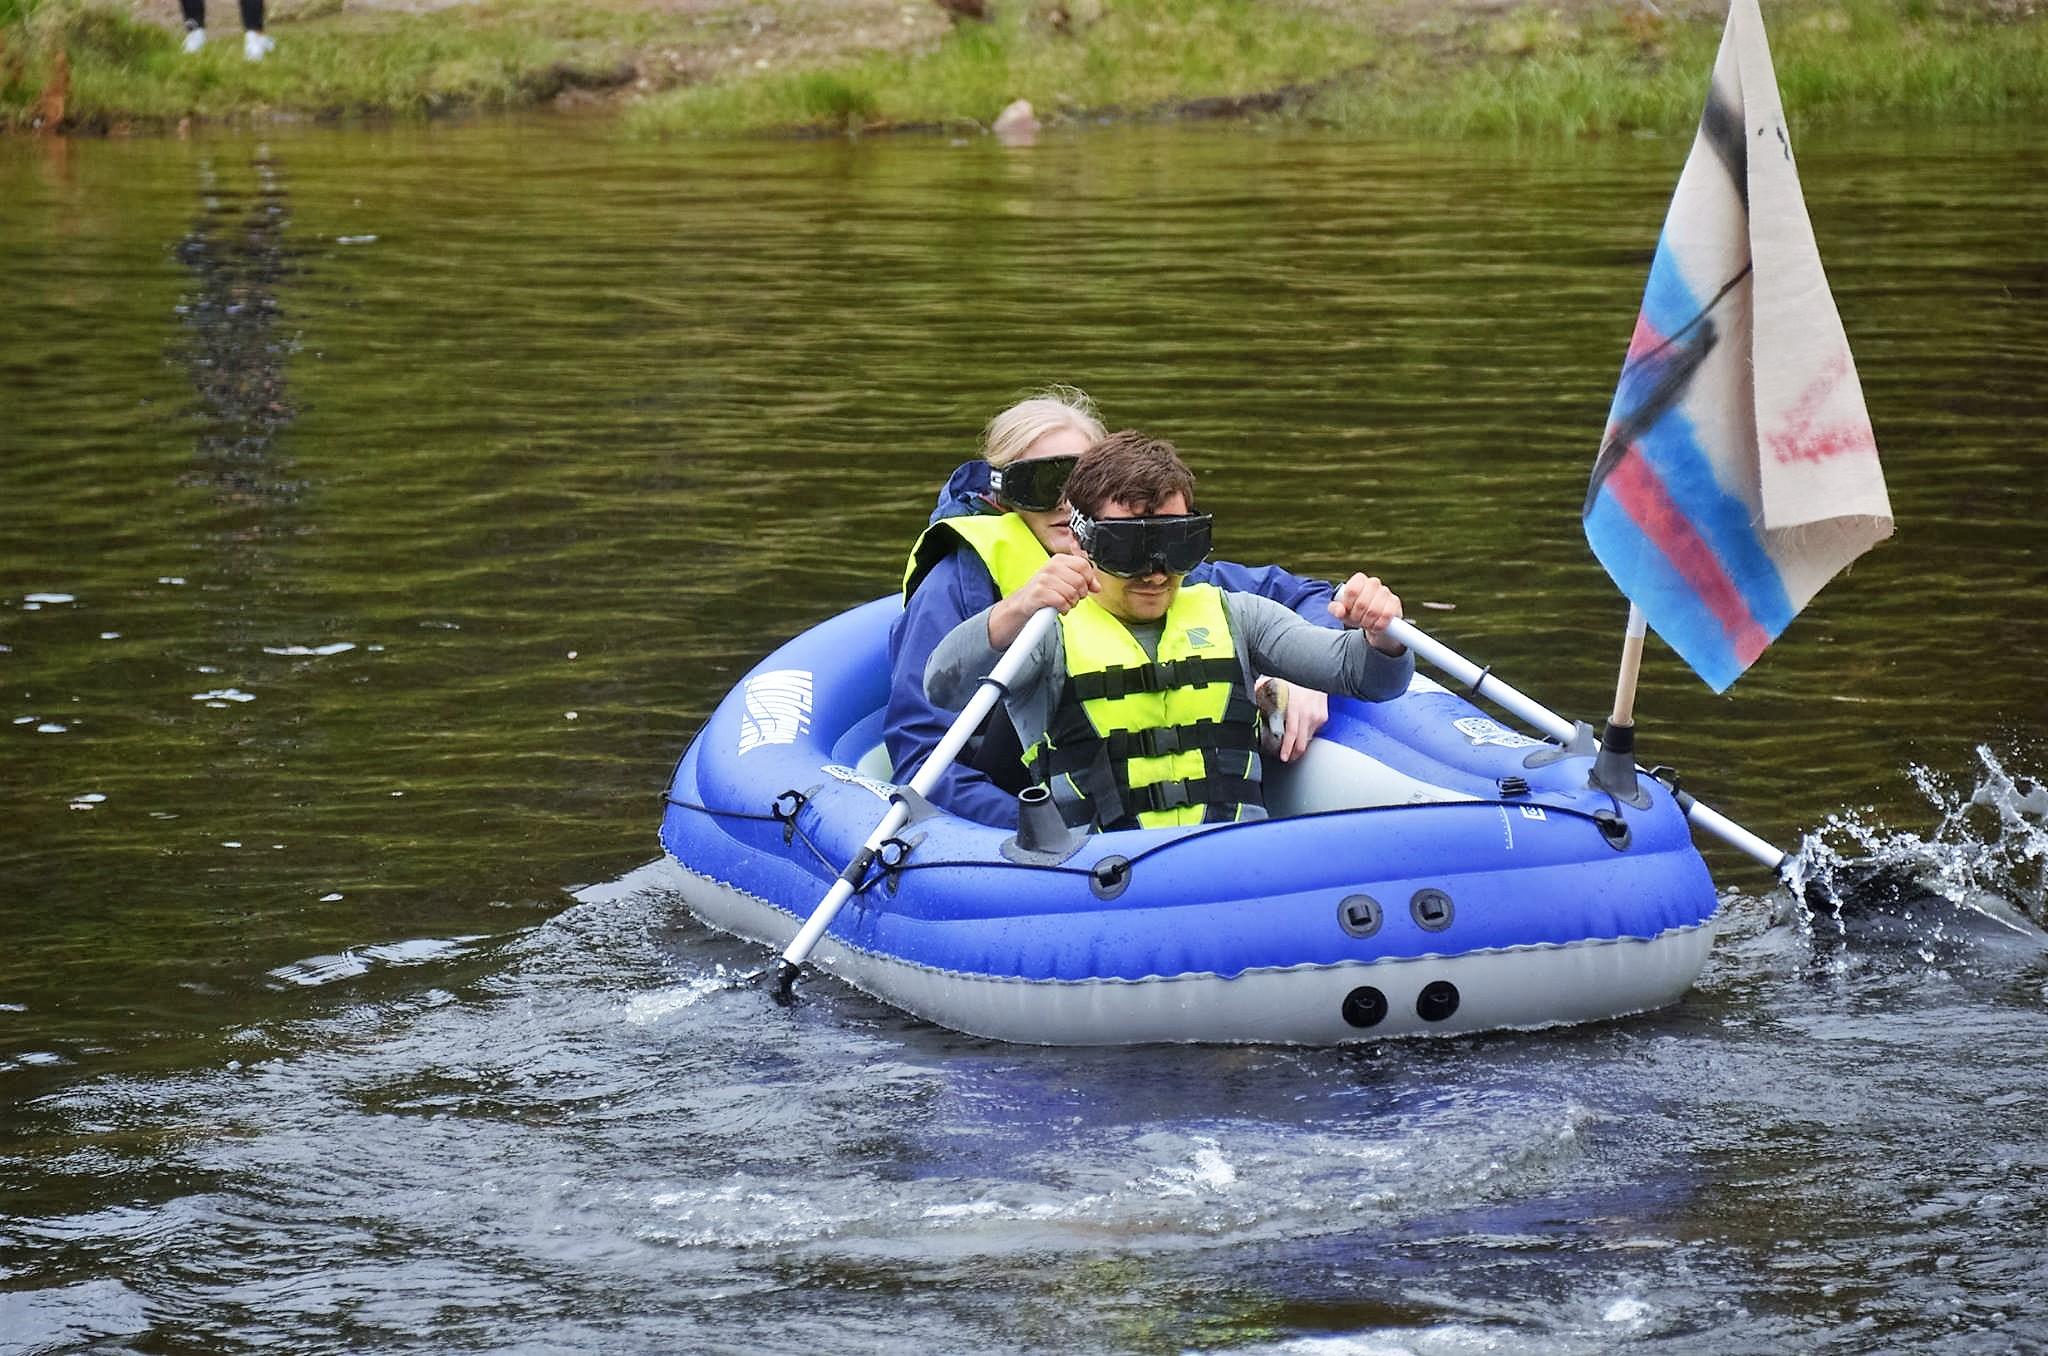 Rowing blindfolded.